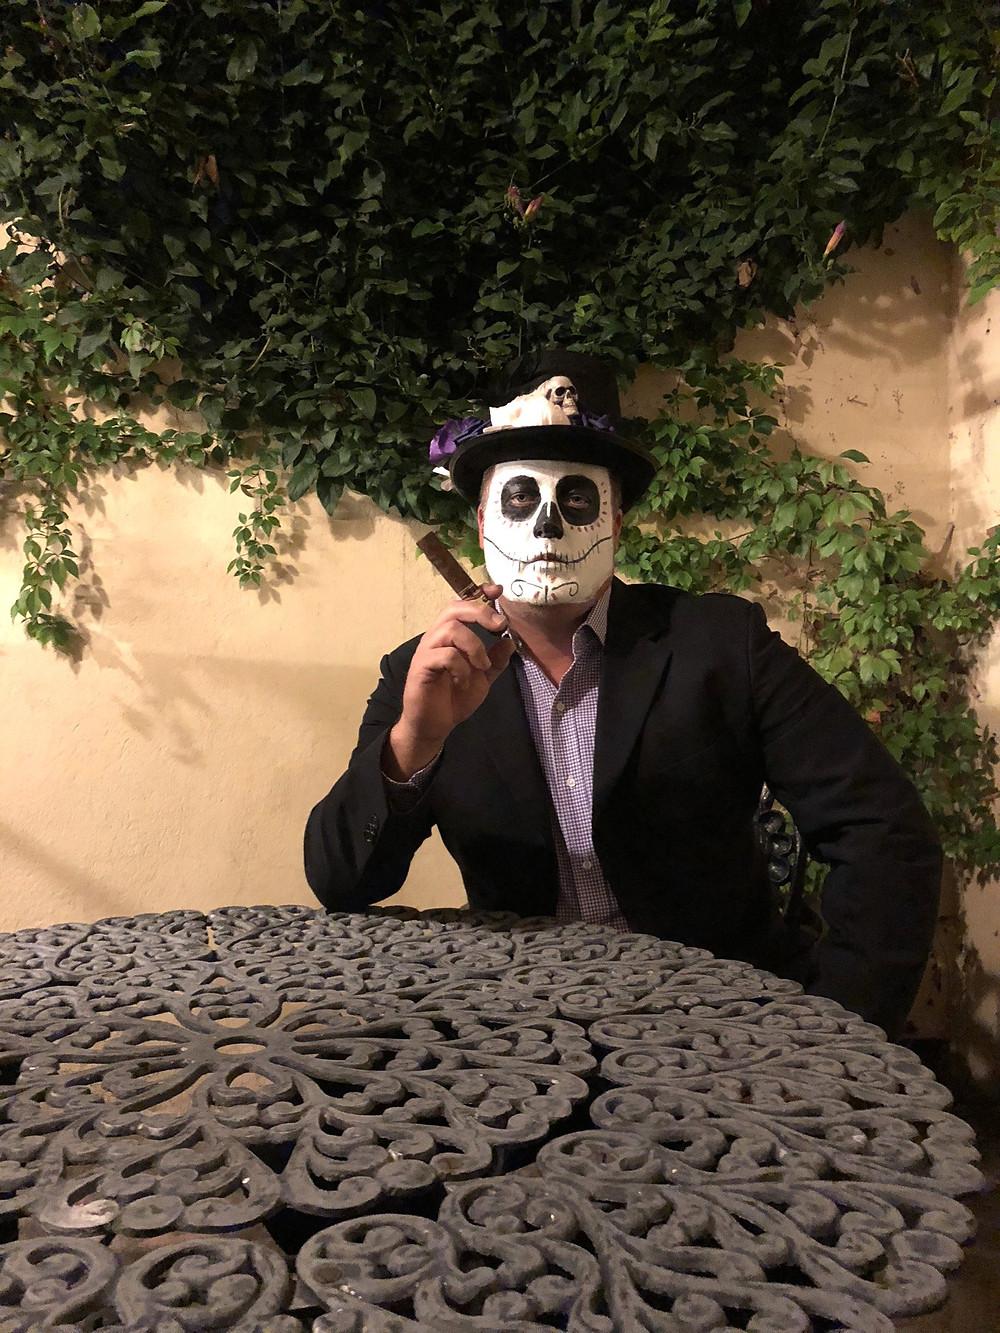 Luke in day of the dead costume, san miguel de allende